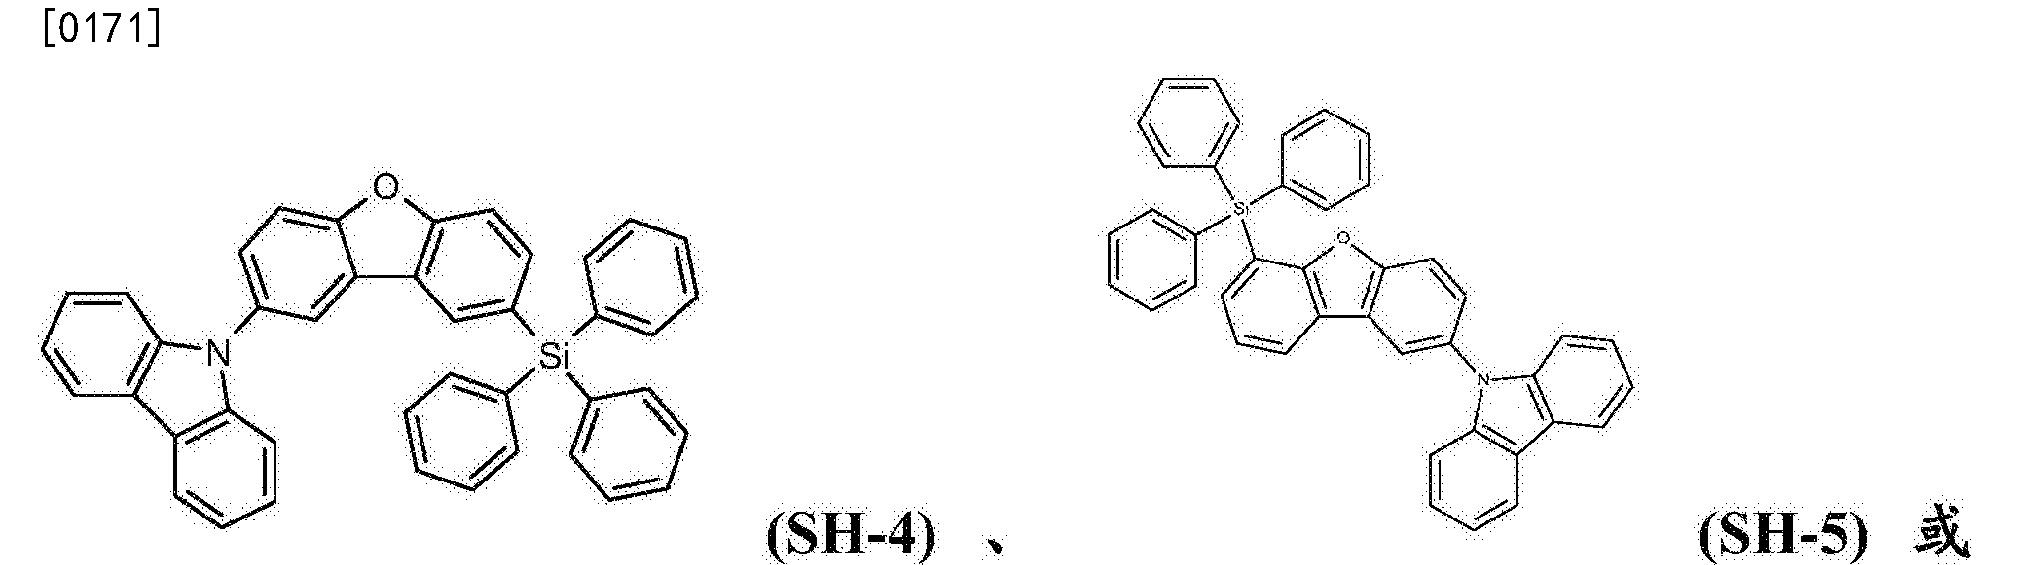 Figure CN105993083BD00351